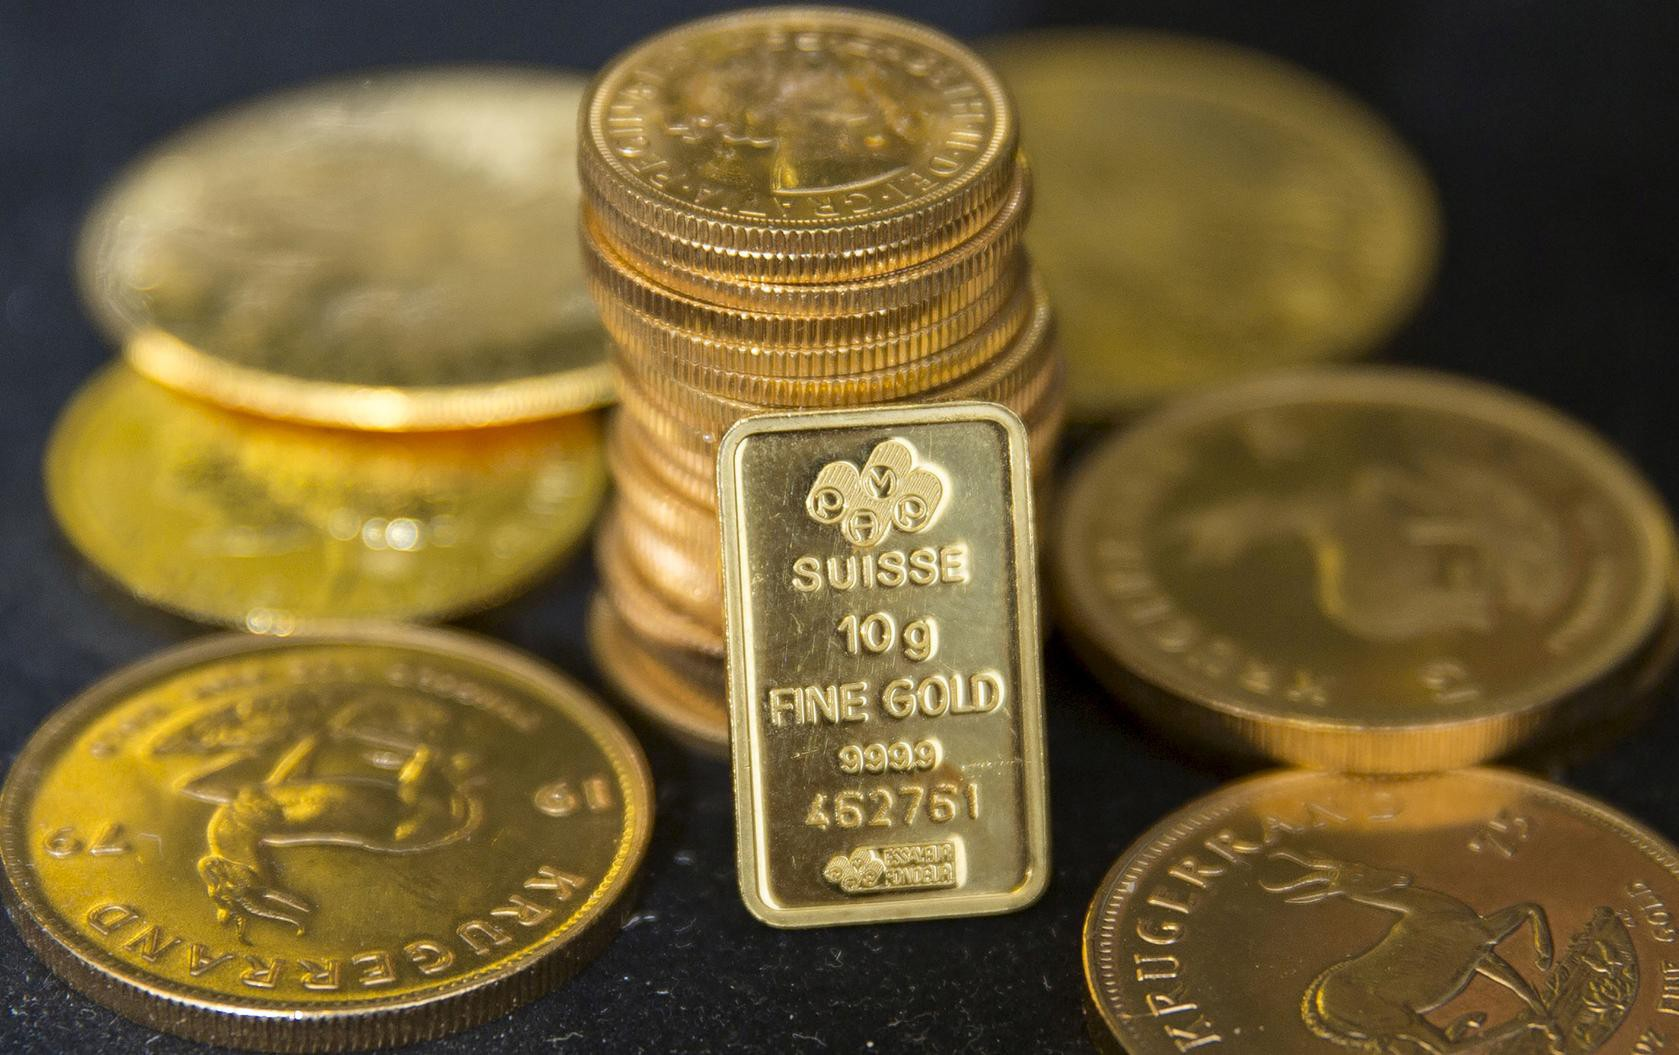 Giá vàng hôm nay 16/3: Tăng sau động thái giảm lãi suất của Fed - Ảnh 1.